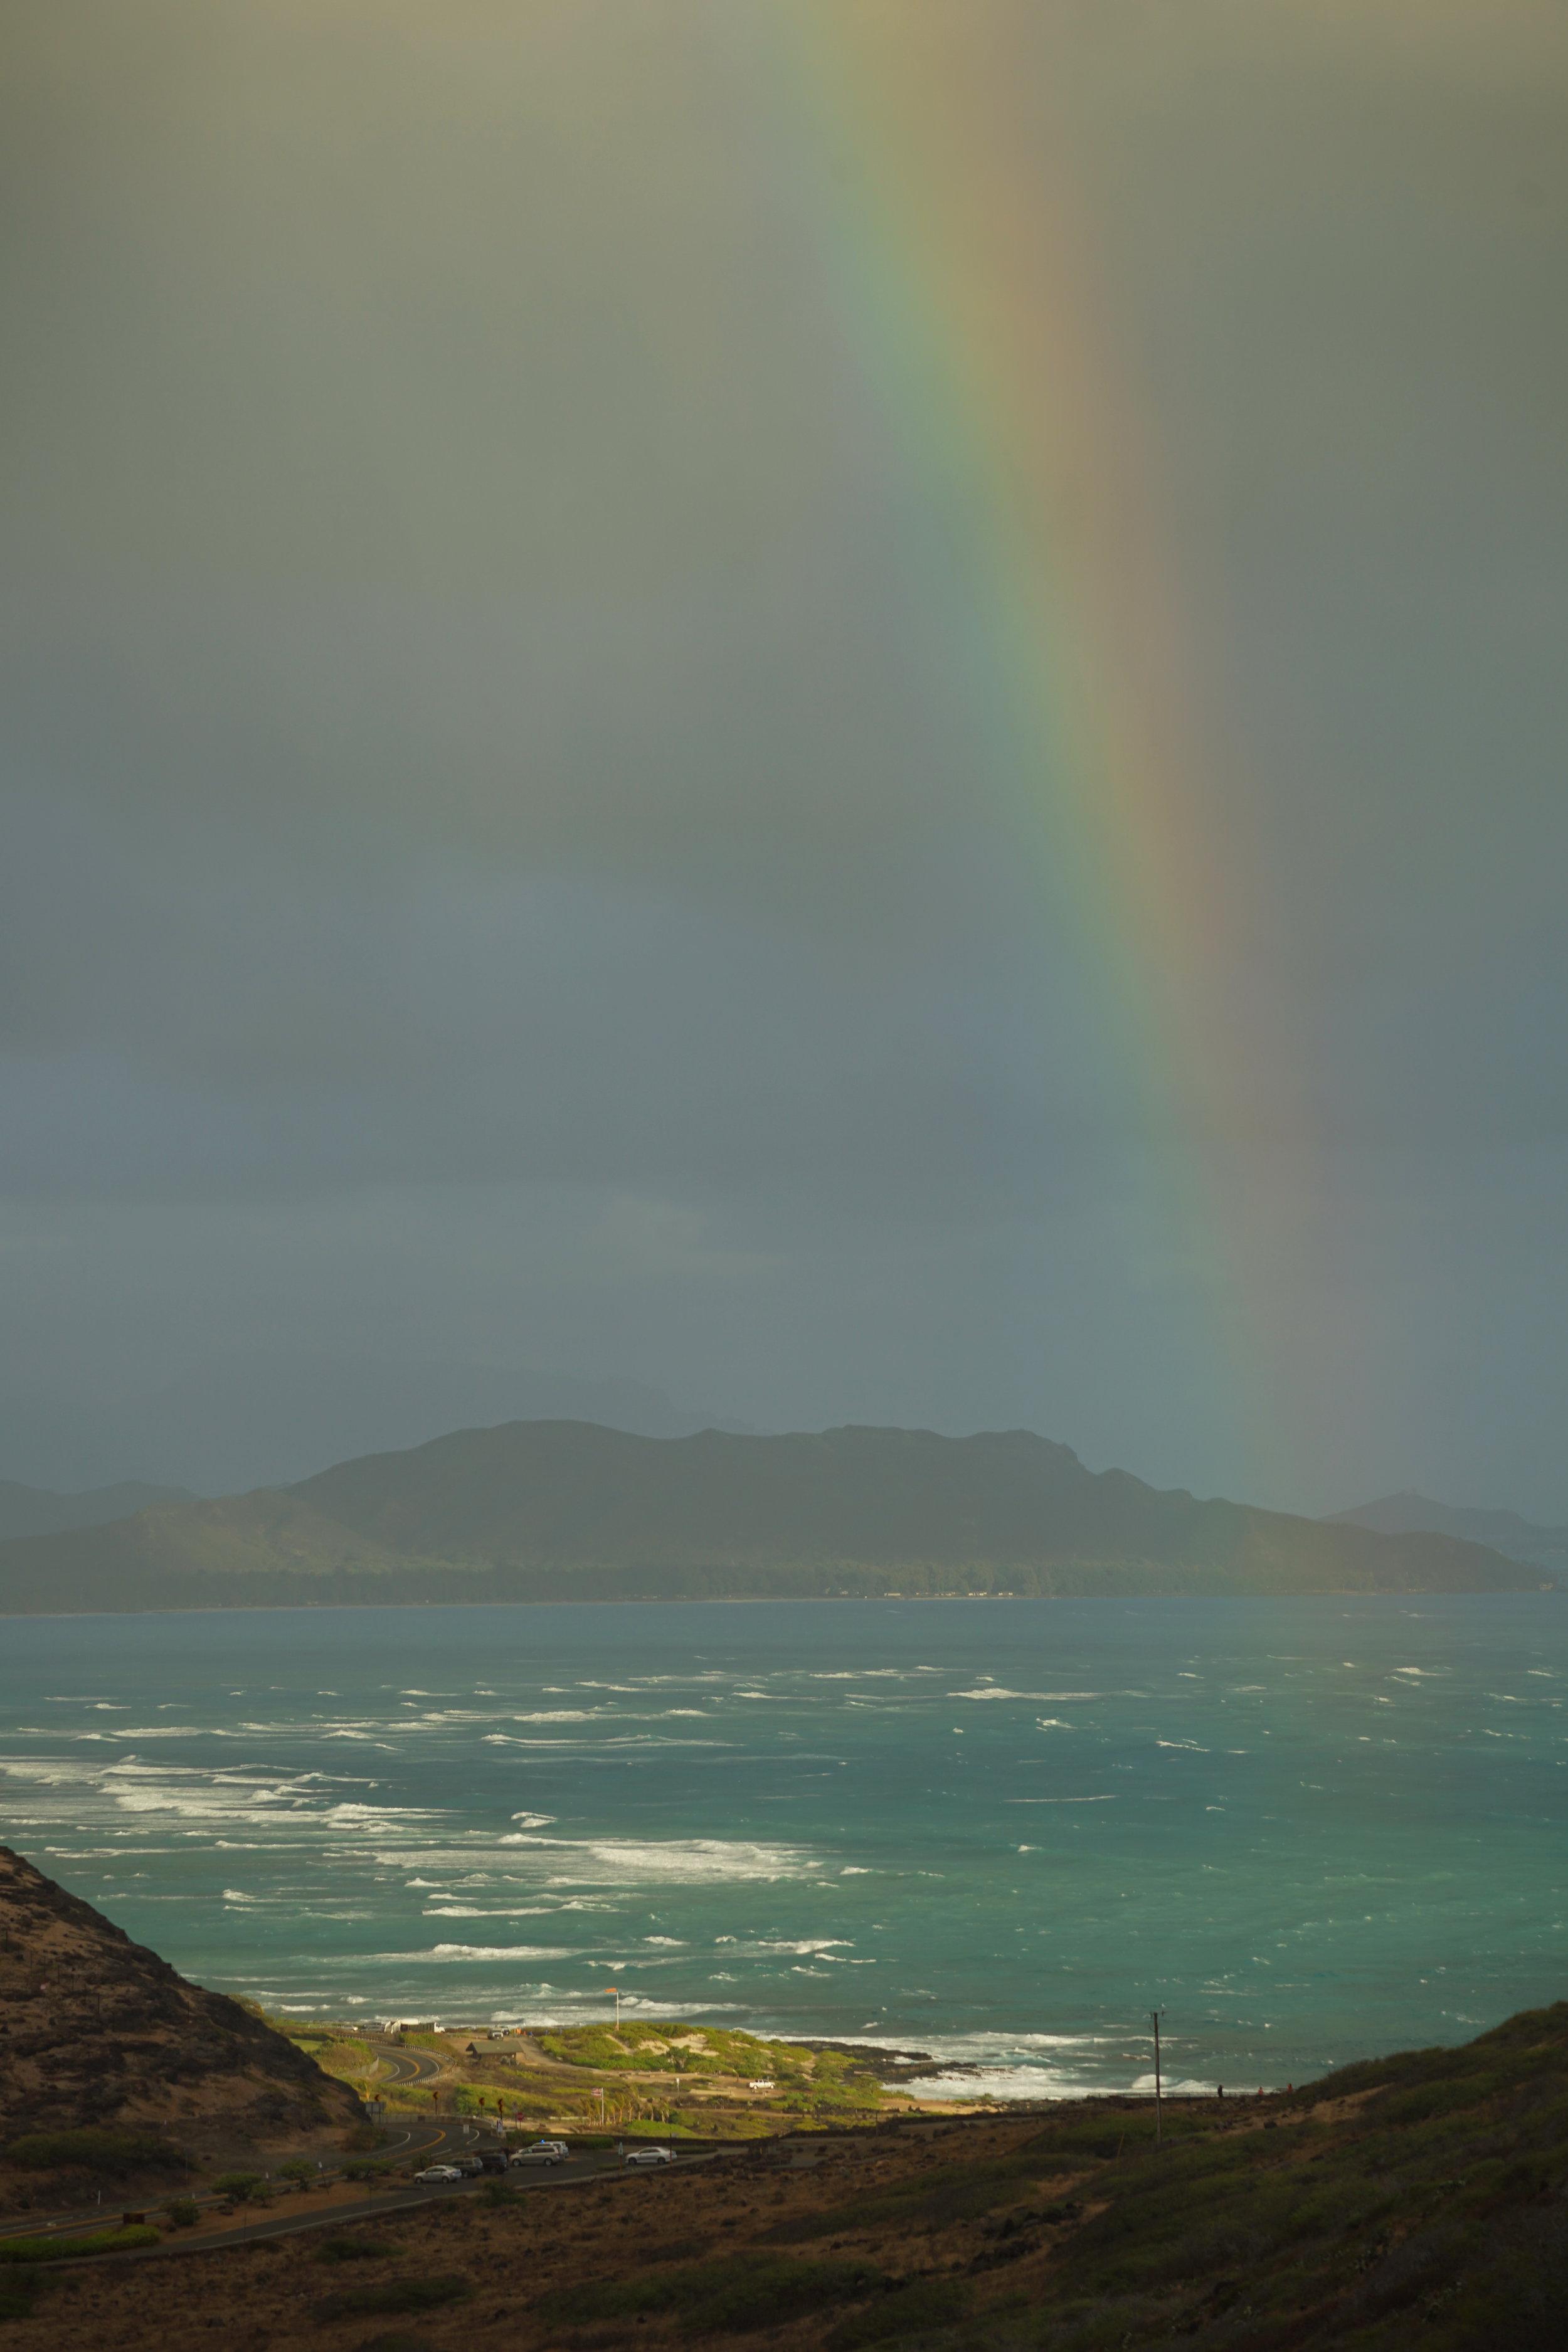 View off Makapuʻu Beach. Credit: Paula Moehlenkamp